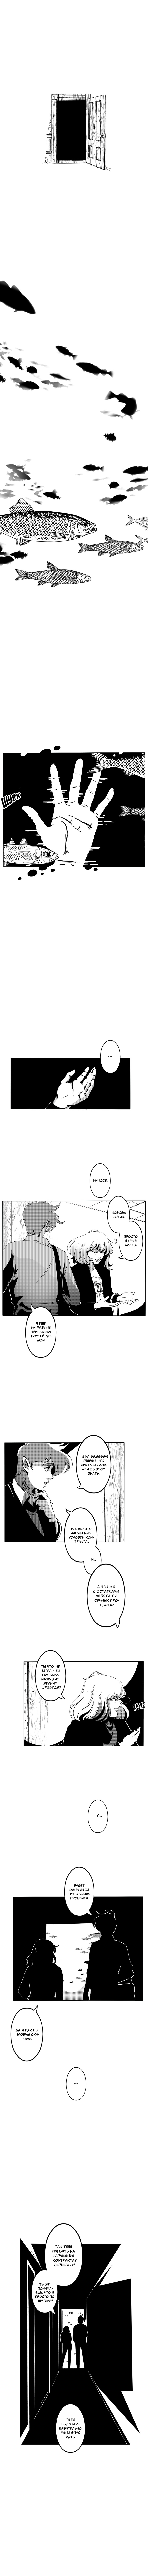 https://r2.ninemanga.com/comics/pic3/0/33536/1312791/1549798337129.png Page 1